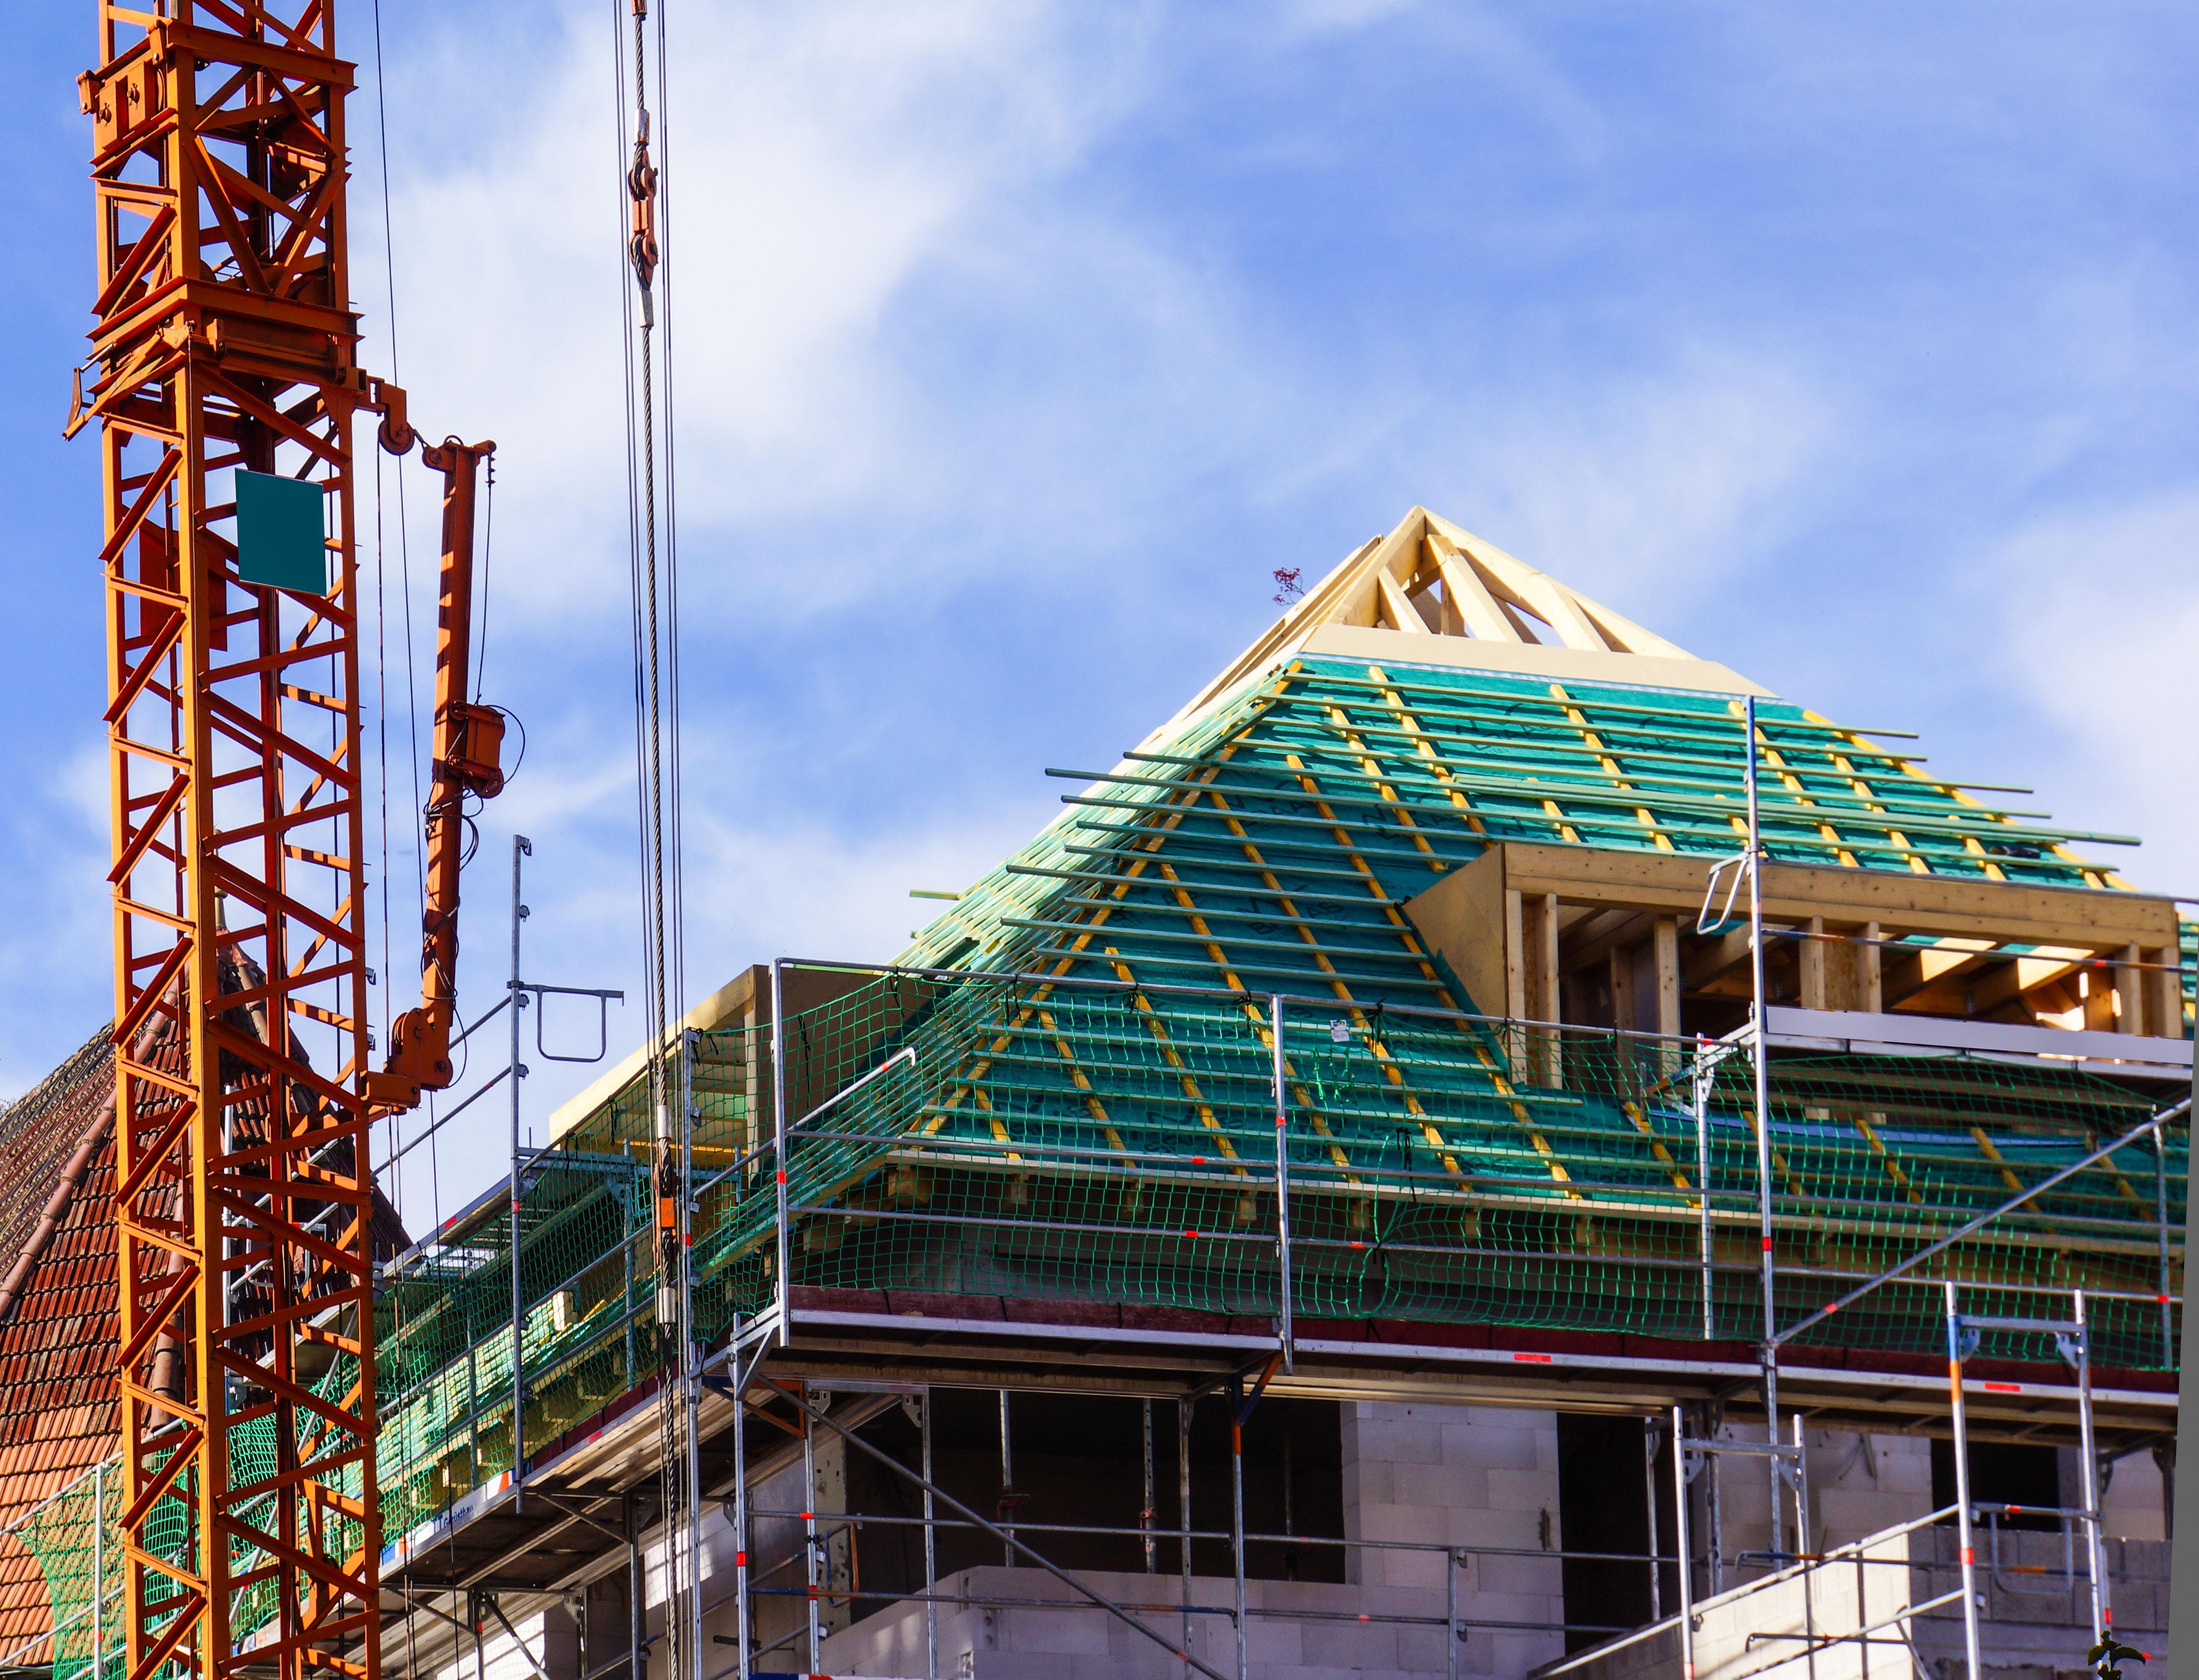 Immobilien - Termin Bau Halle UG - Ihr professioneller Partner am Bau, Rohbau, Eisenflechter, Betonstahl, Schalungsbau, Armierung, Sanierung